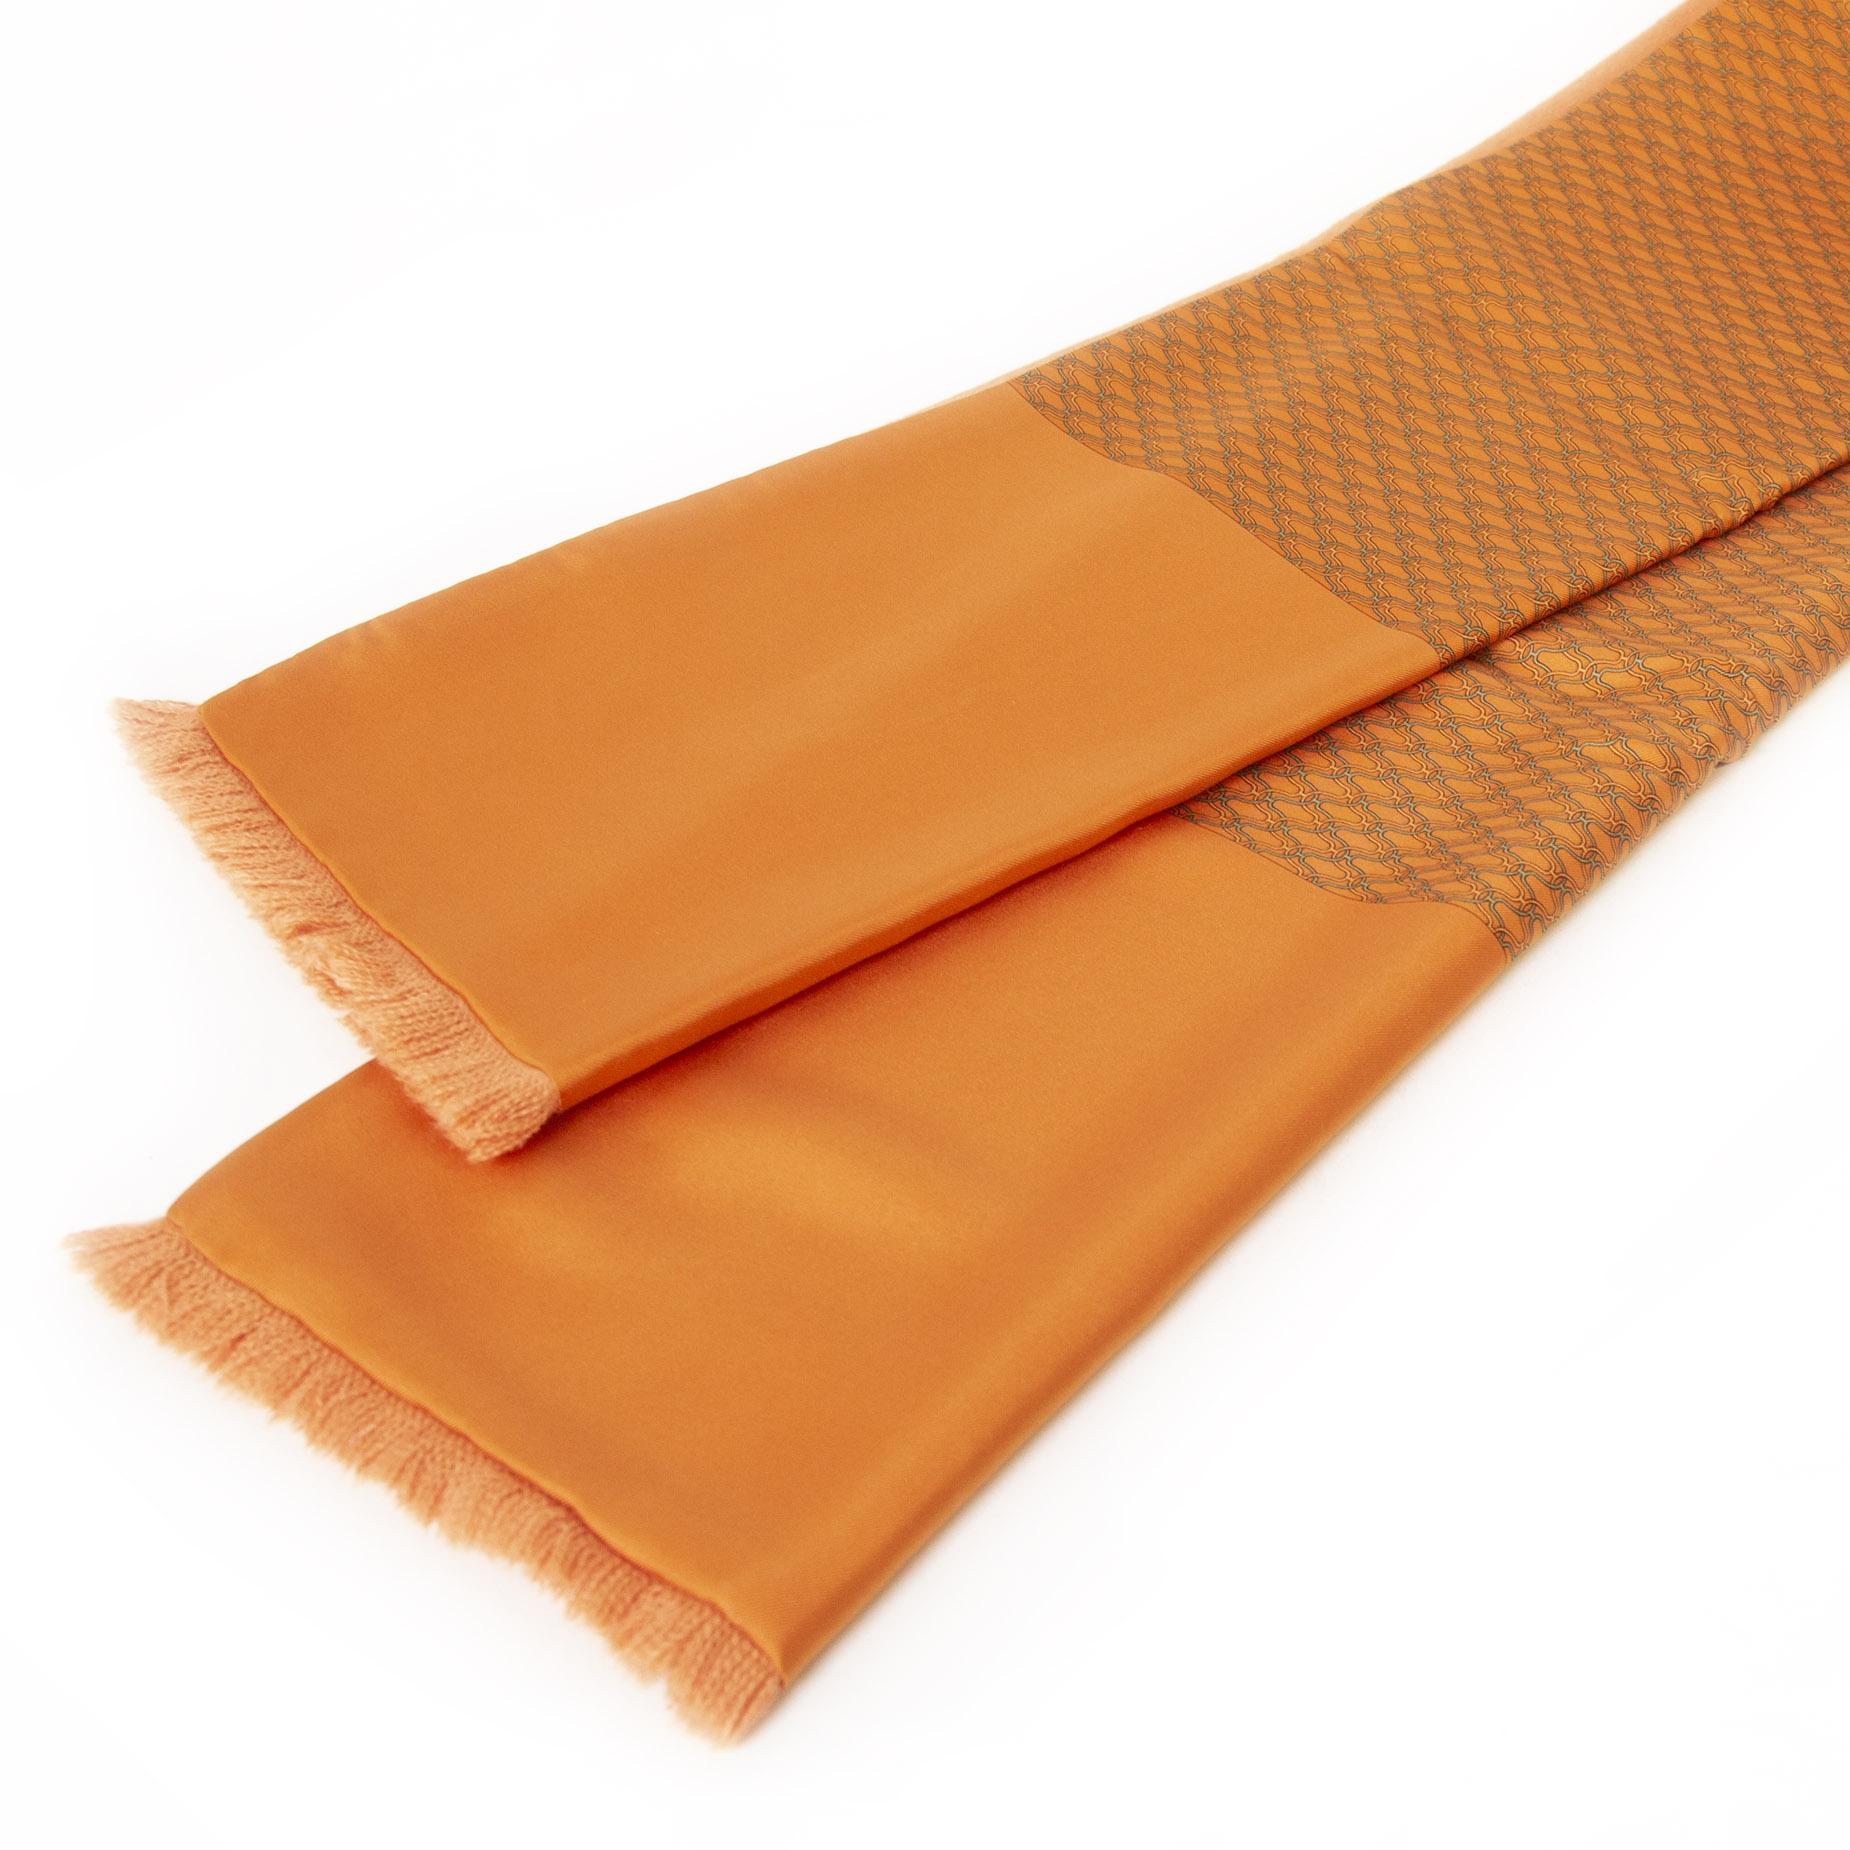 Authentieke tweedehands Hermès Orange Chaine d'Ancre Silk & Angora Muffler Scarf juiste prijs veilig prijs veilig online winkelen LabelLOV webshop luxe merken winkelen Antwerpen België mode fashion